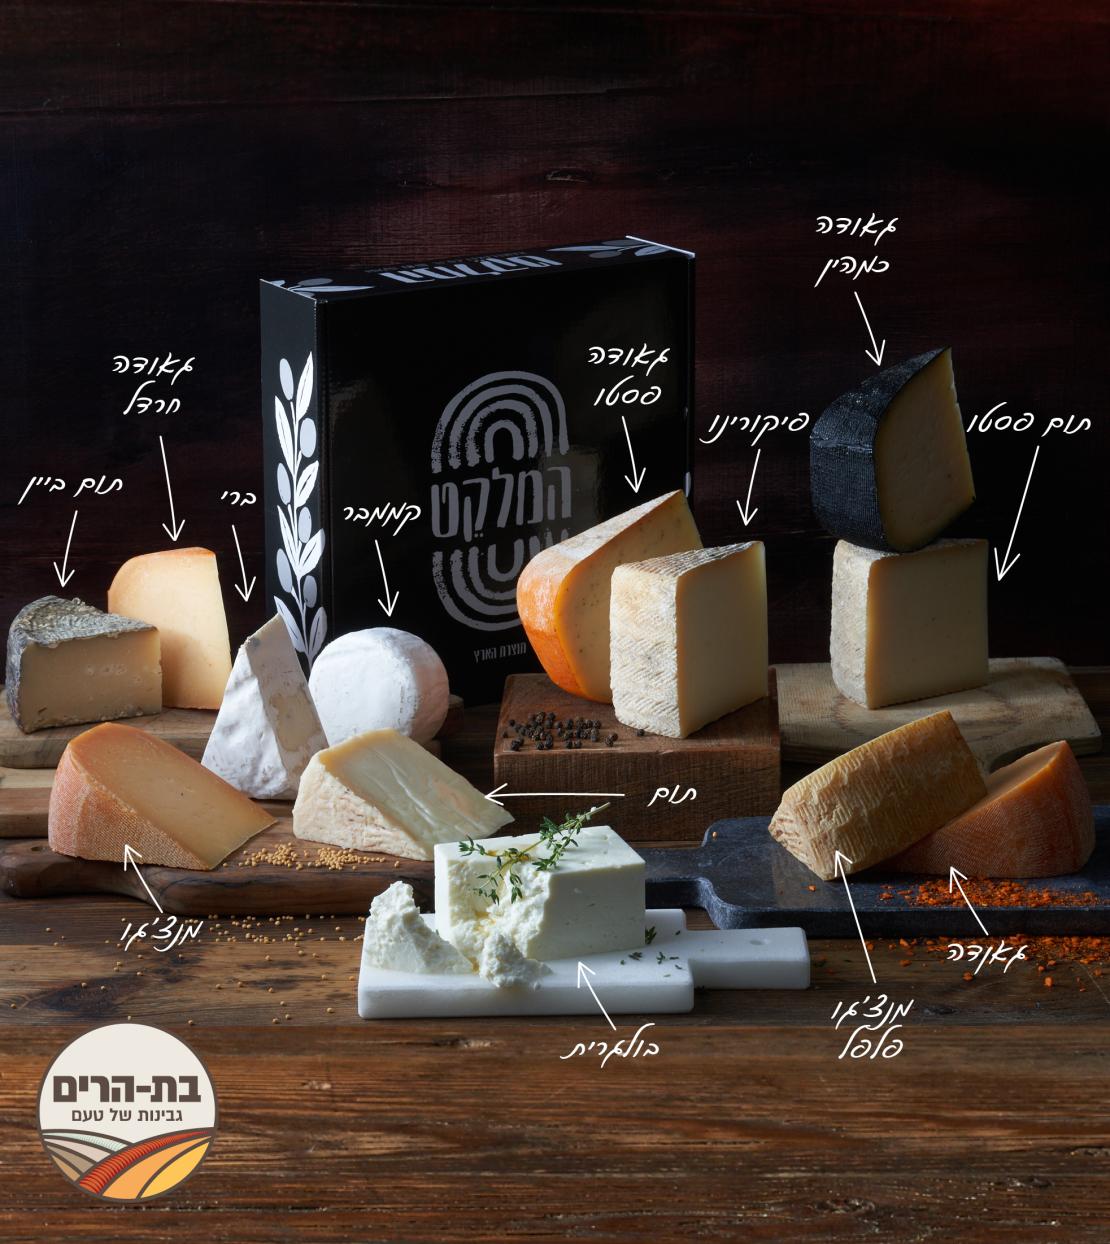 מארז של 12 גבינות בוטיק